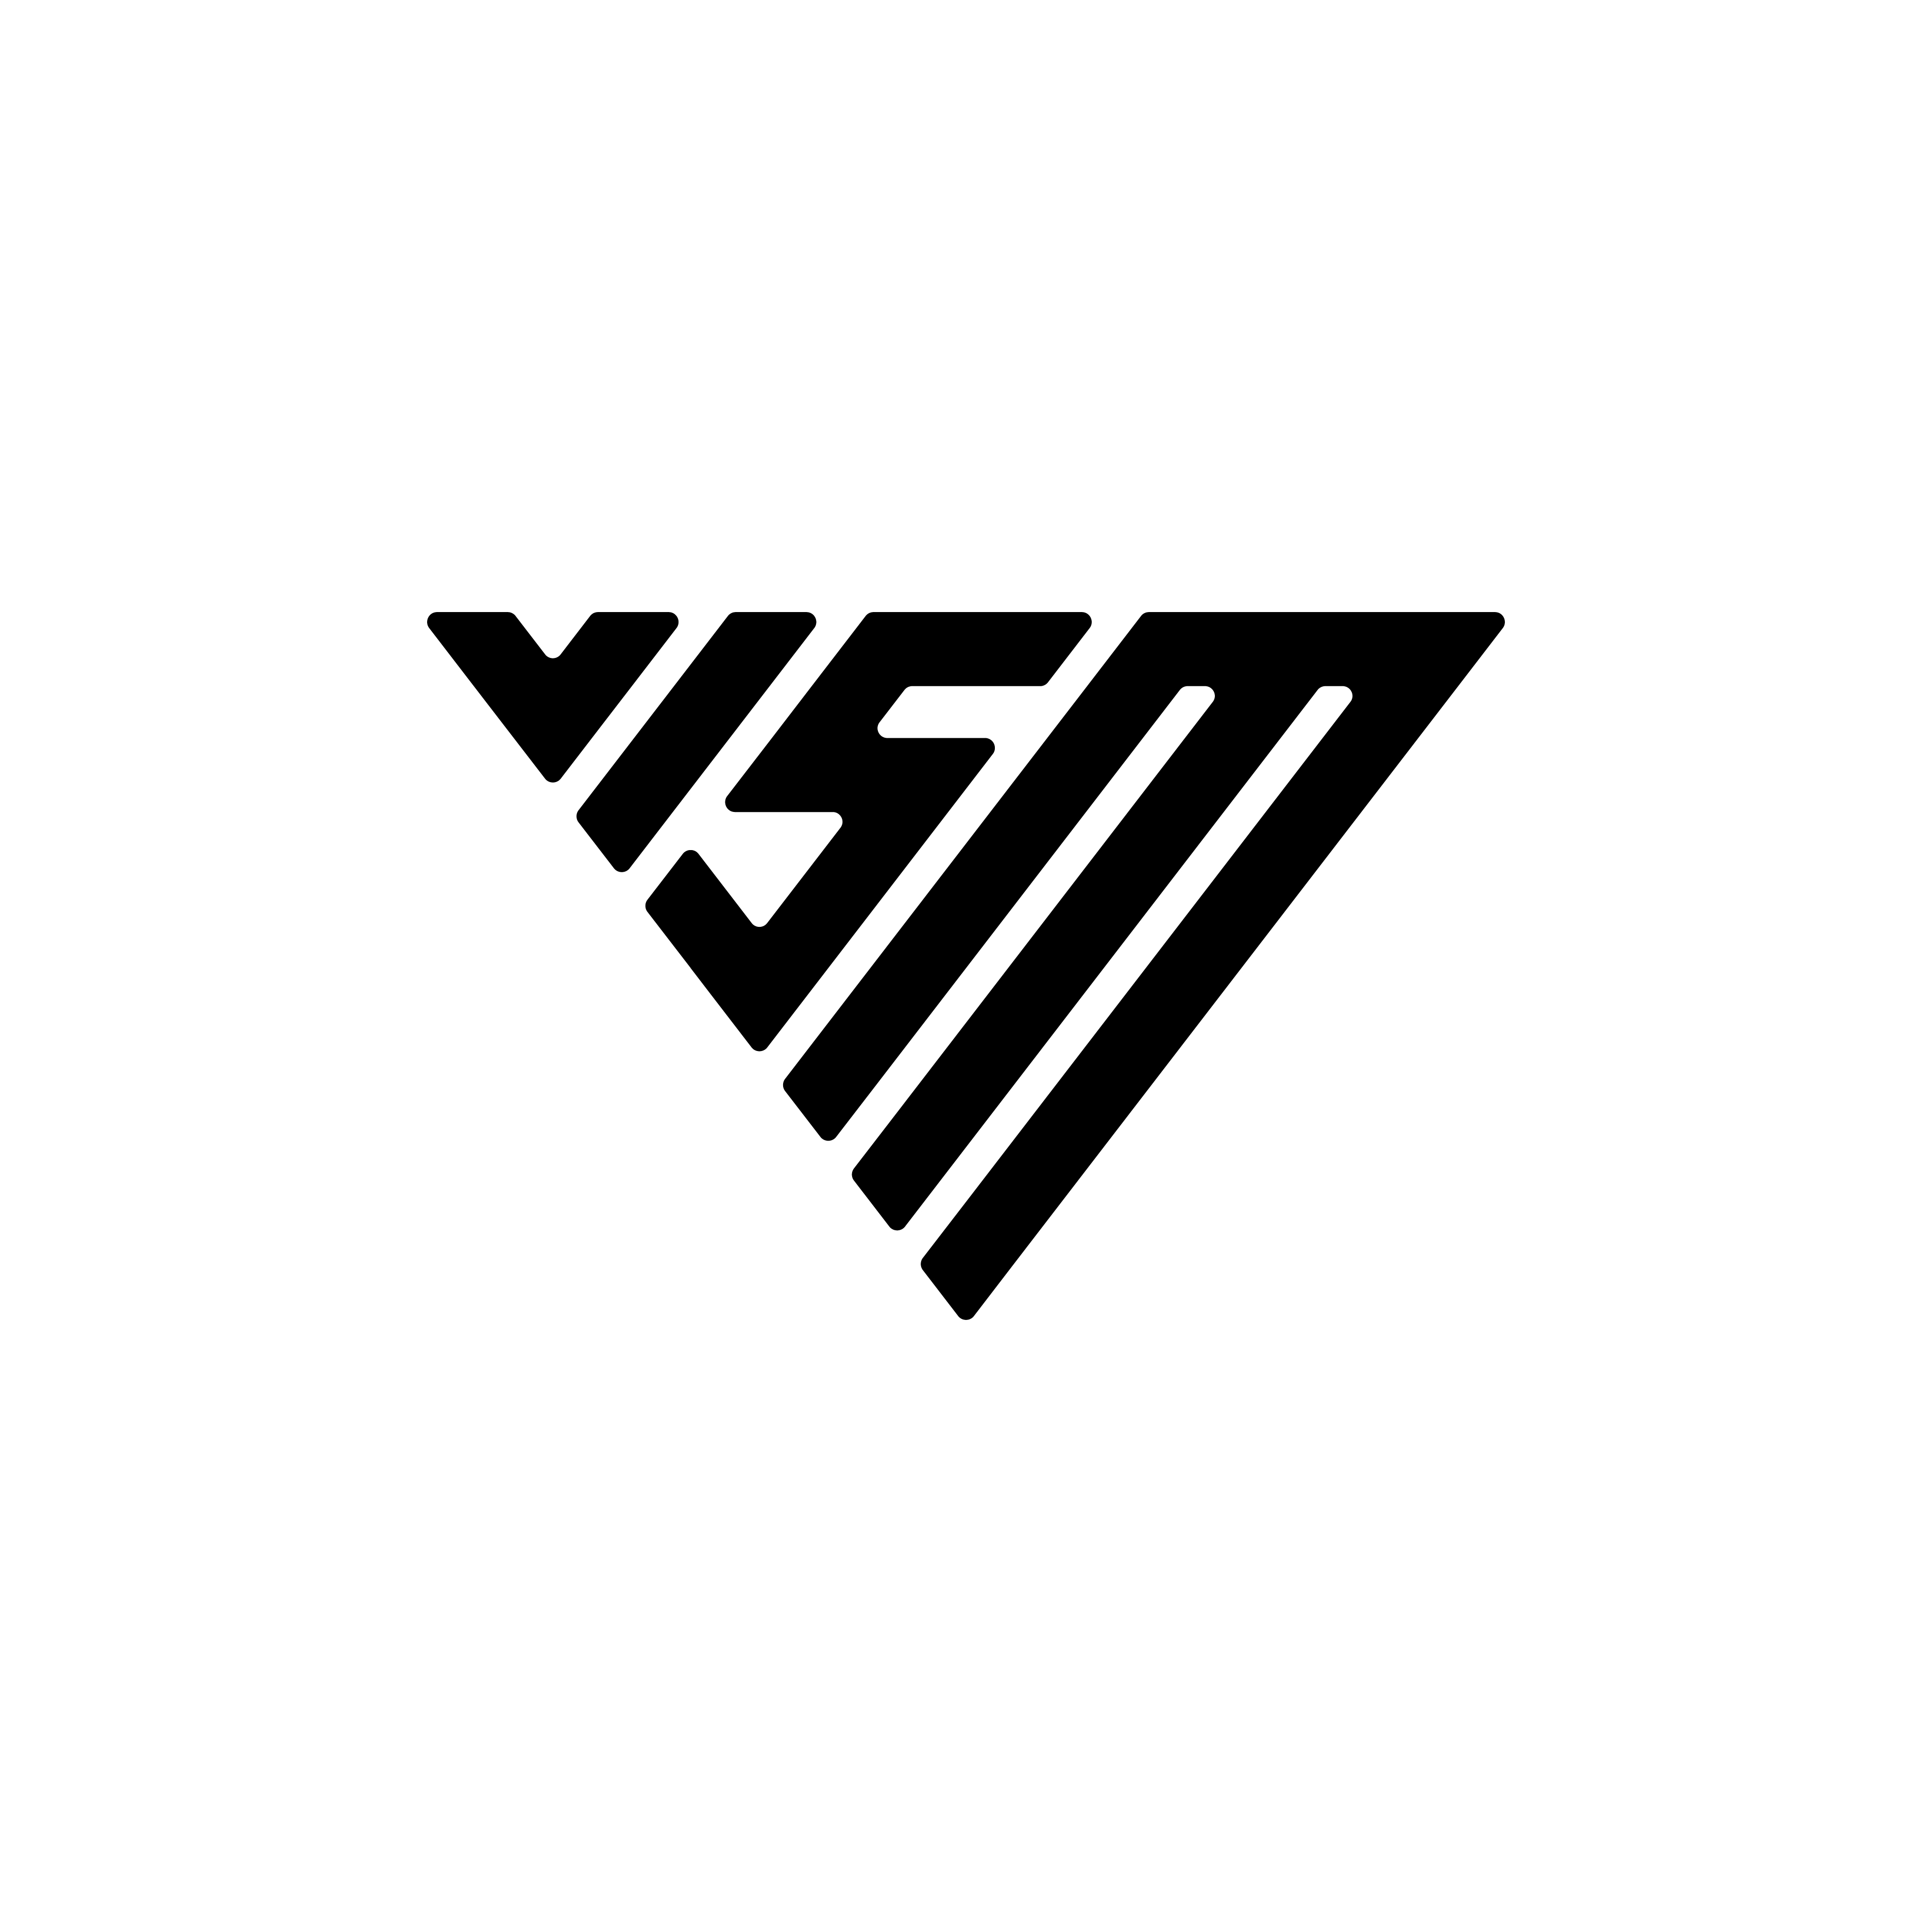 VISM logo design by logo designer Radu Moraru